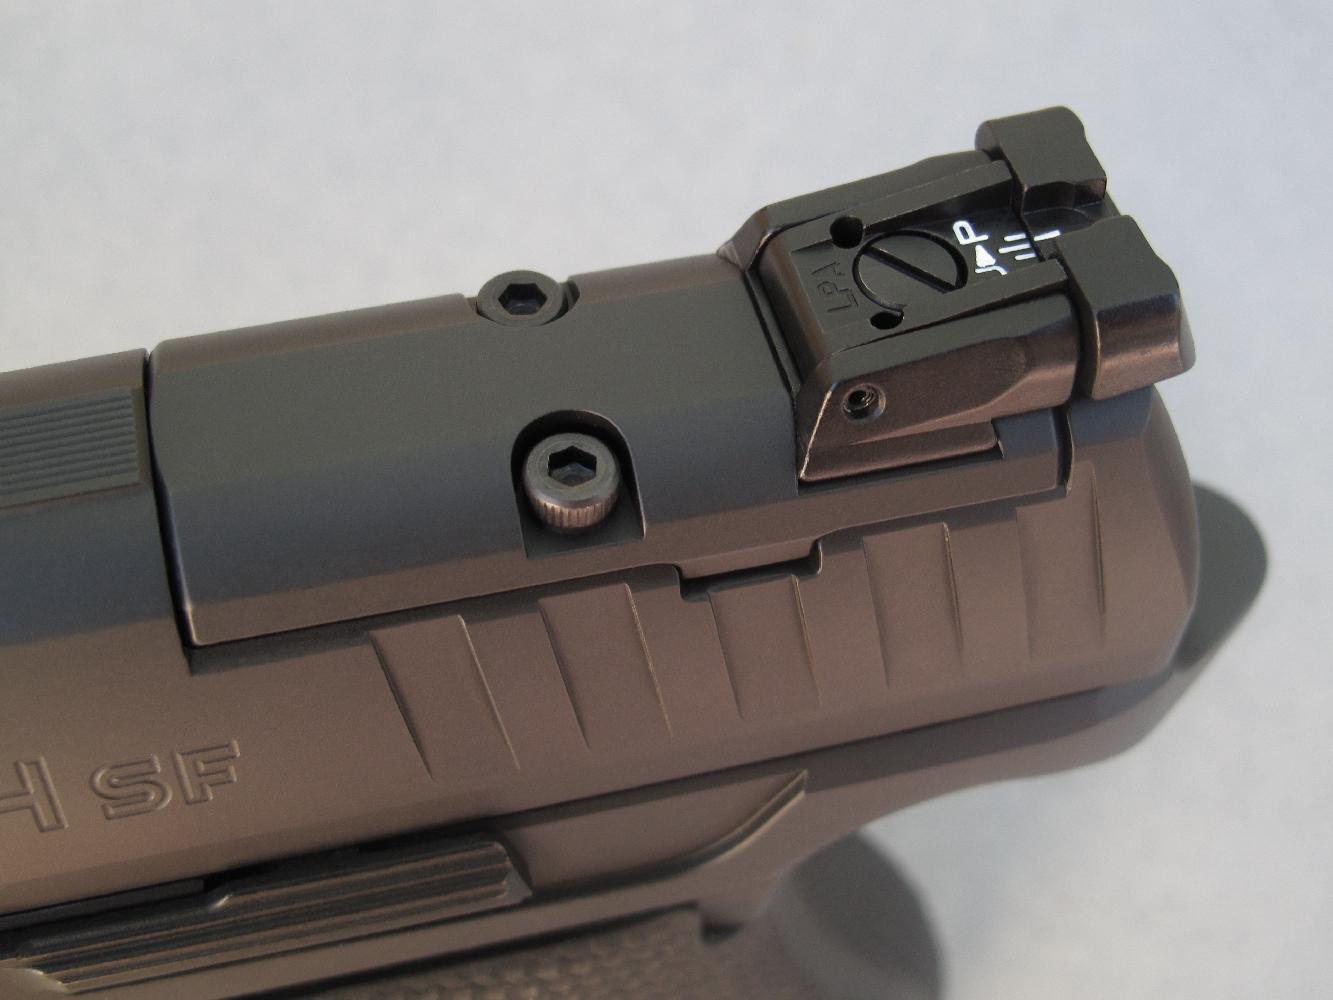 La platine MB-03, qui est installée d'origine pour assurer la fixation de la hausse micrométrique, peut être aisément remplacée par l'une des trois autres platines livrées avec l'arme pour recevoir un micro-viseur holographique des marques Docter (MB 01), Trijicon (MB 02) et Leupold/DeltaPoint (MB 04).